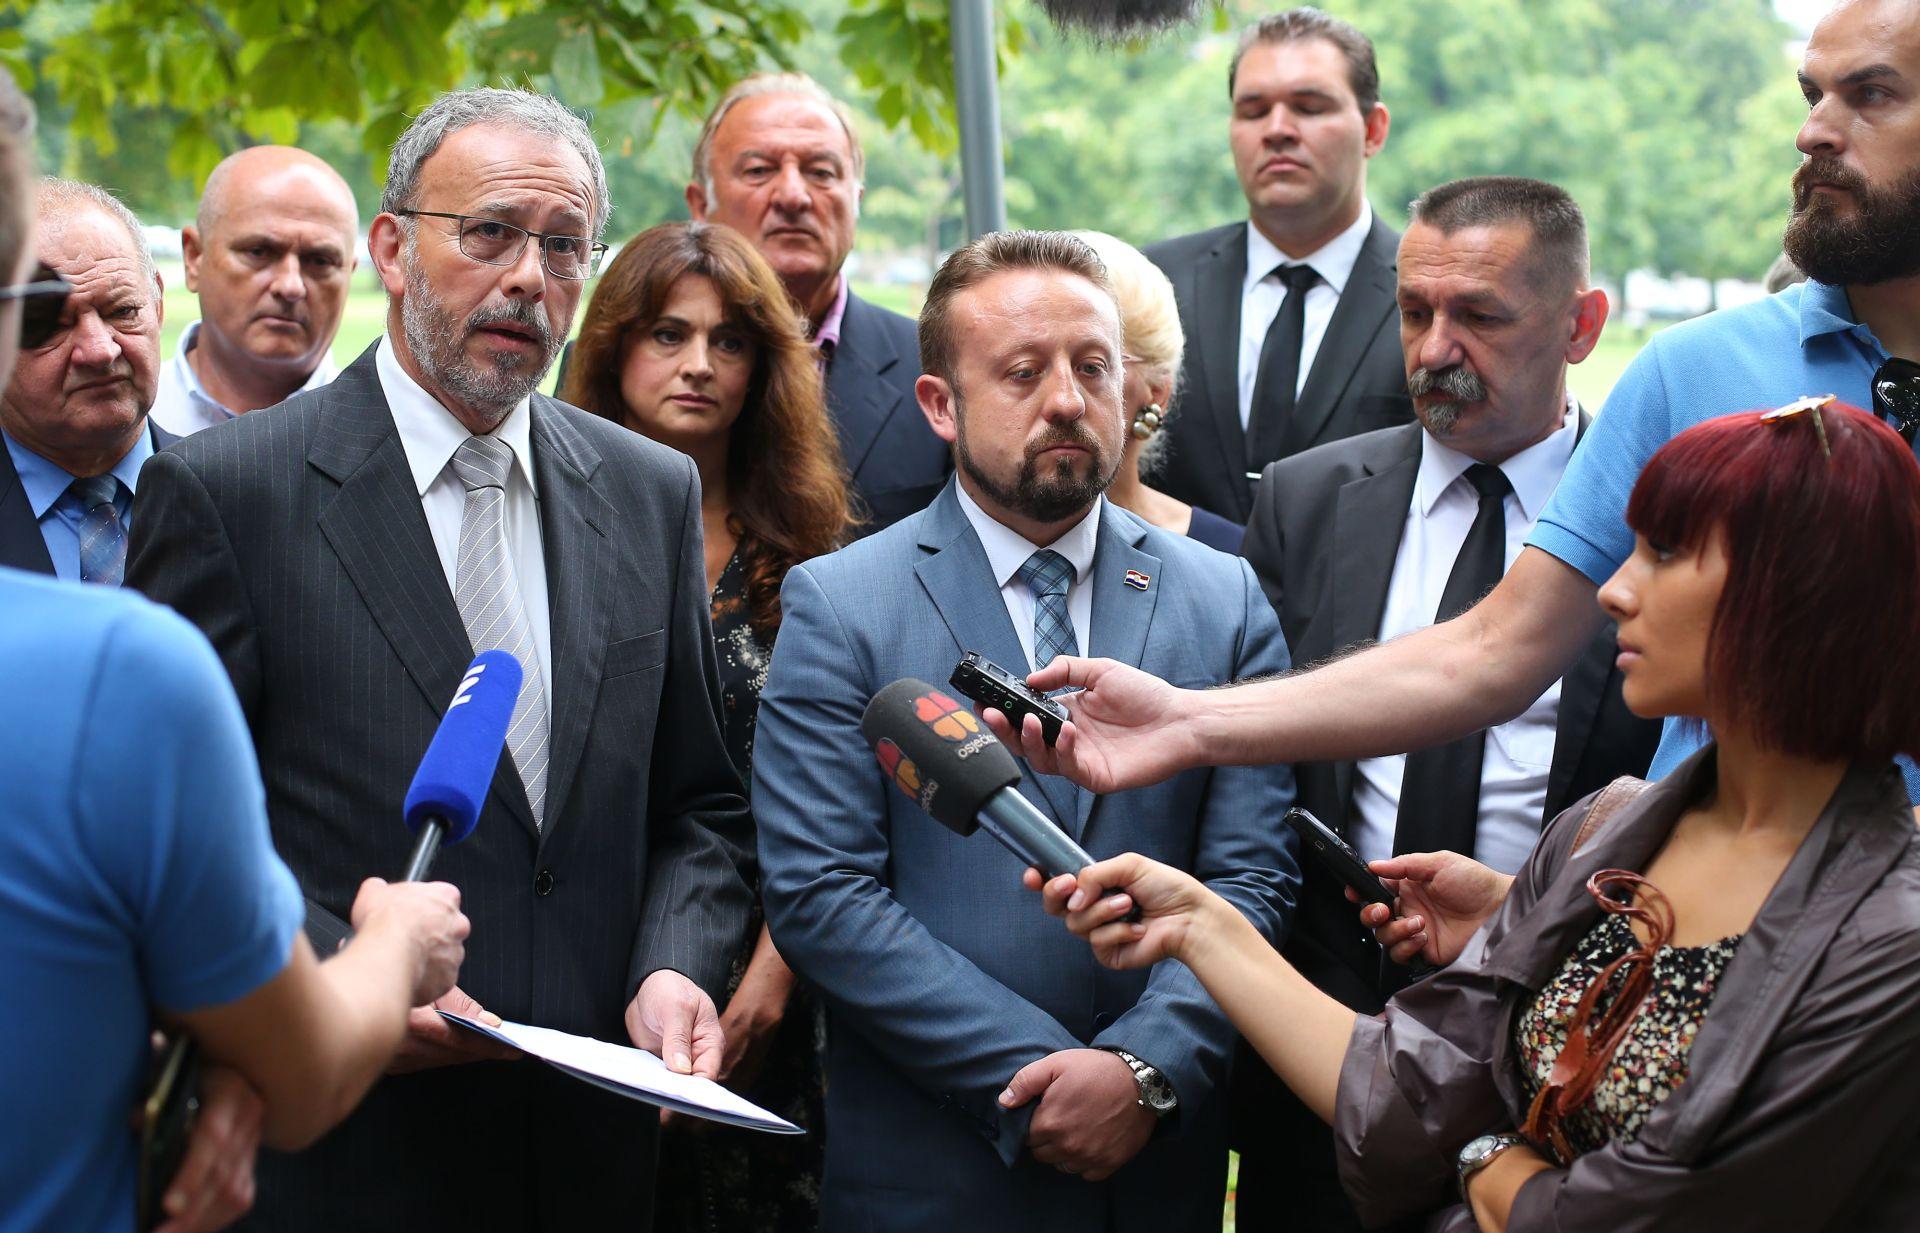 Domovinska koalicija: Milanović će početi pjevati Thompsonove pjesme